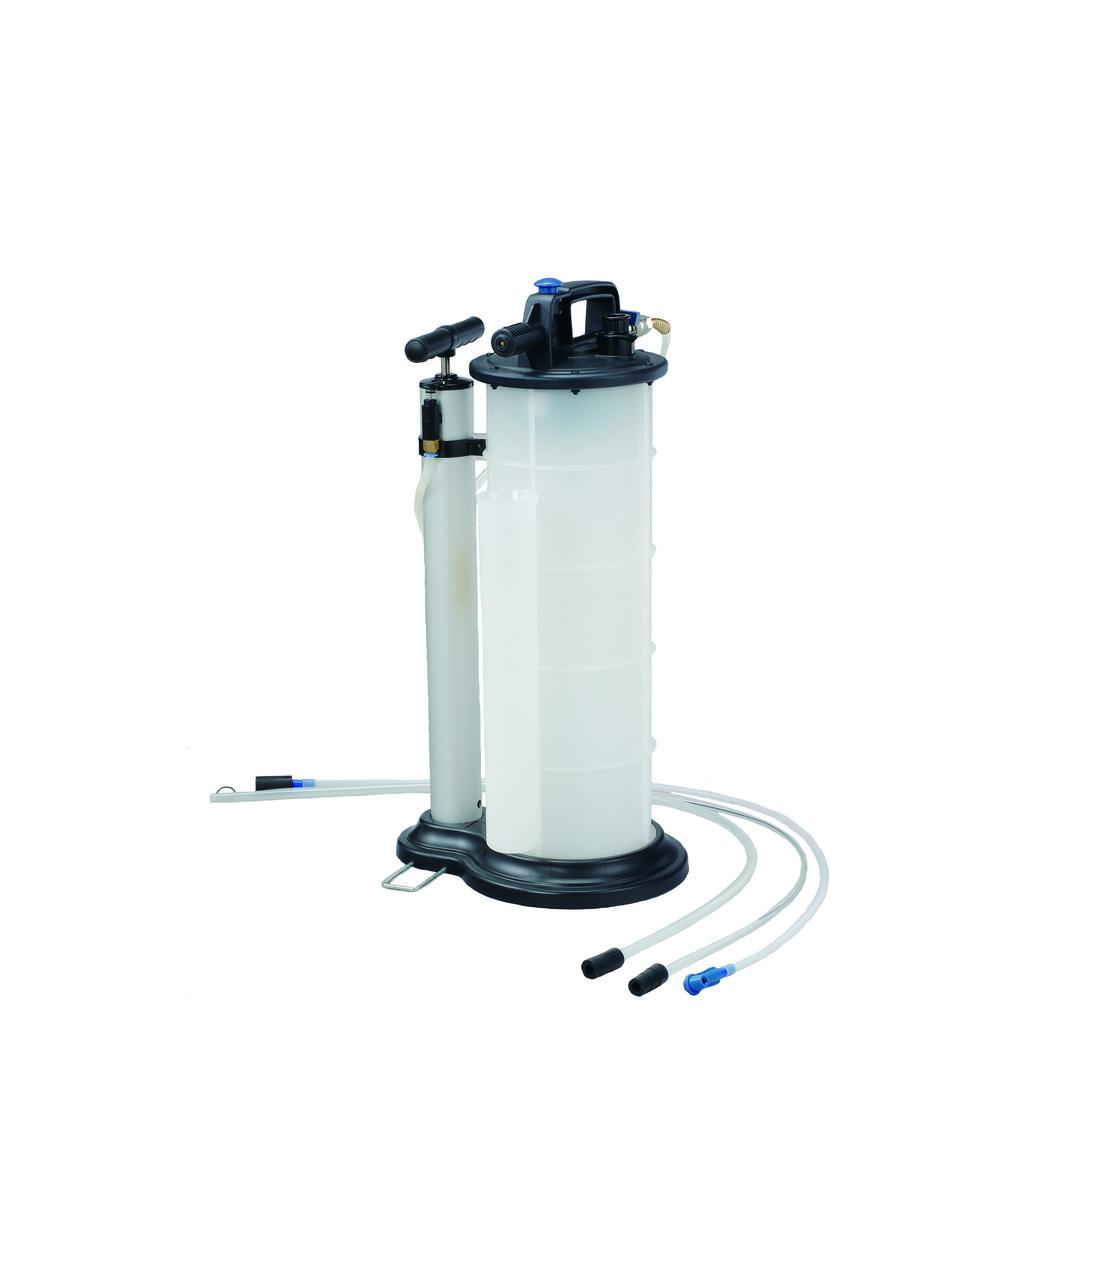 Приспособление для откачки технических жидкостей 9 л ручное/пневматическое (FORCE 9T3606)